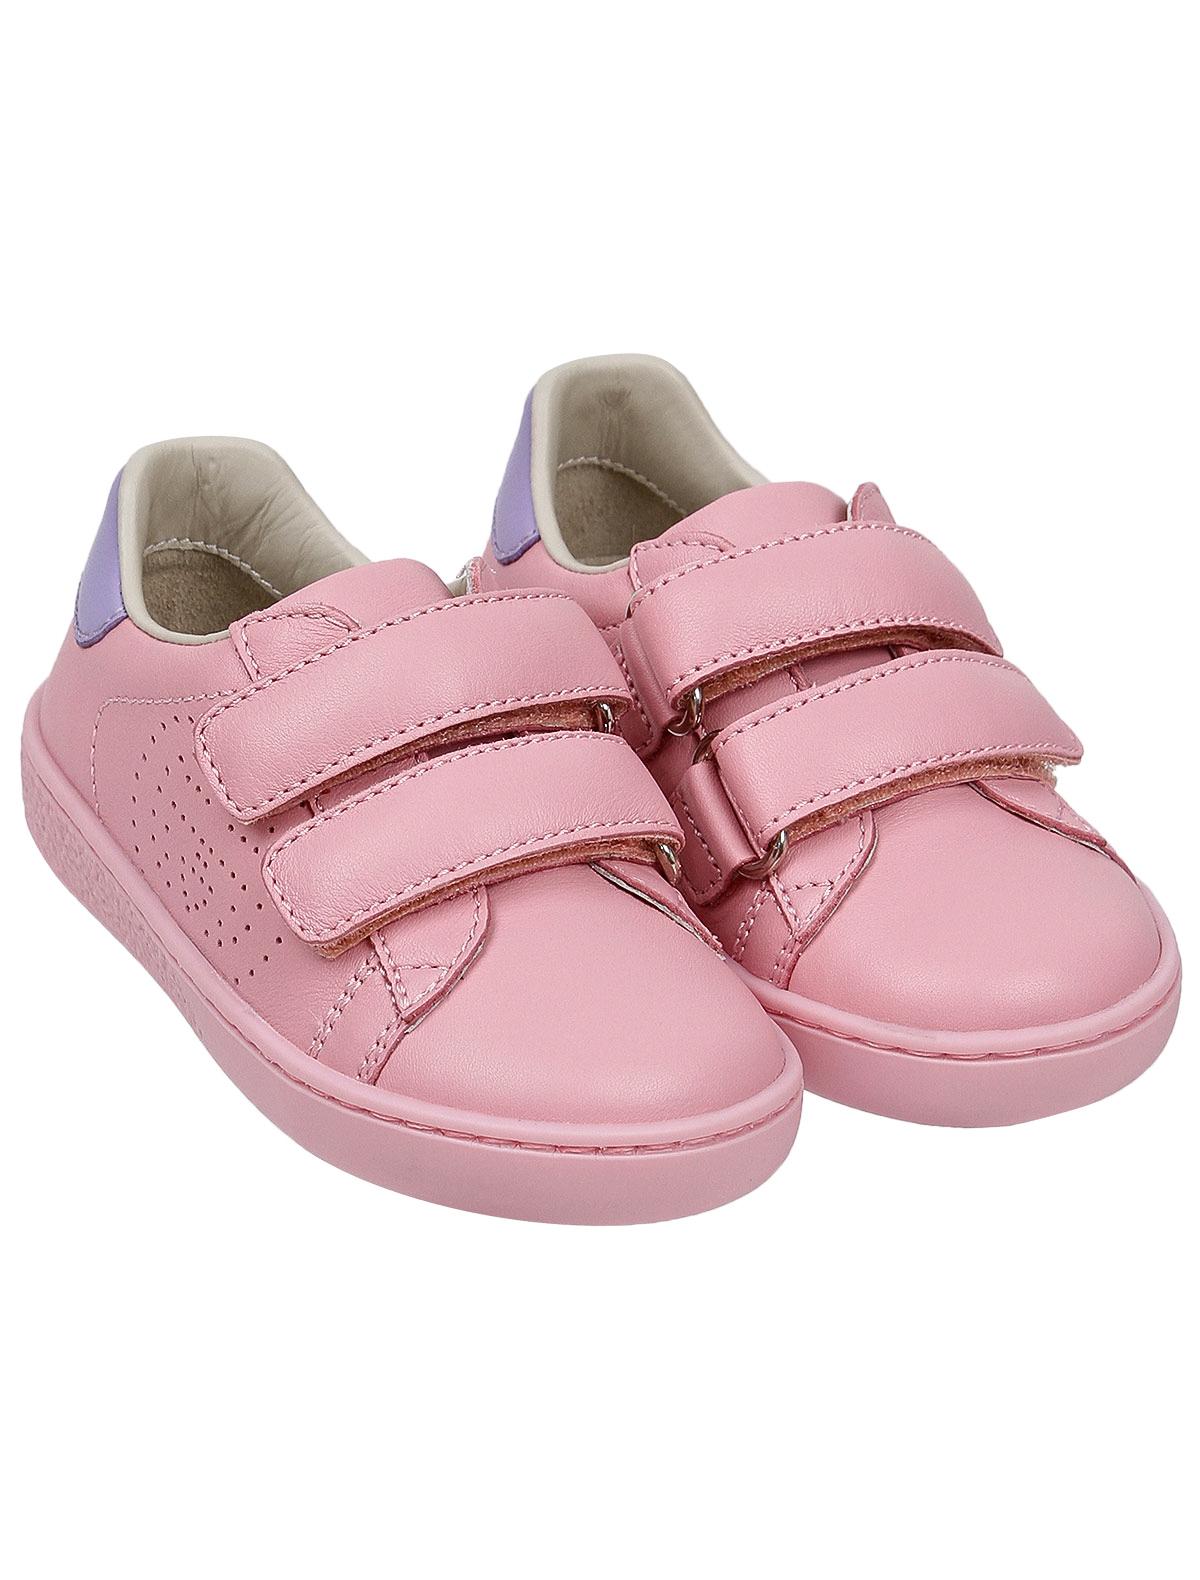 2247799, Кеды GUCCI, розовый, Женский, 2094509080388  - купить со скидкой